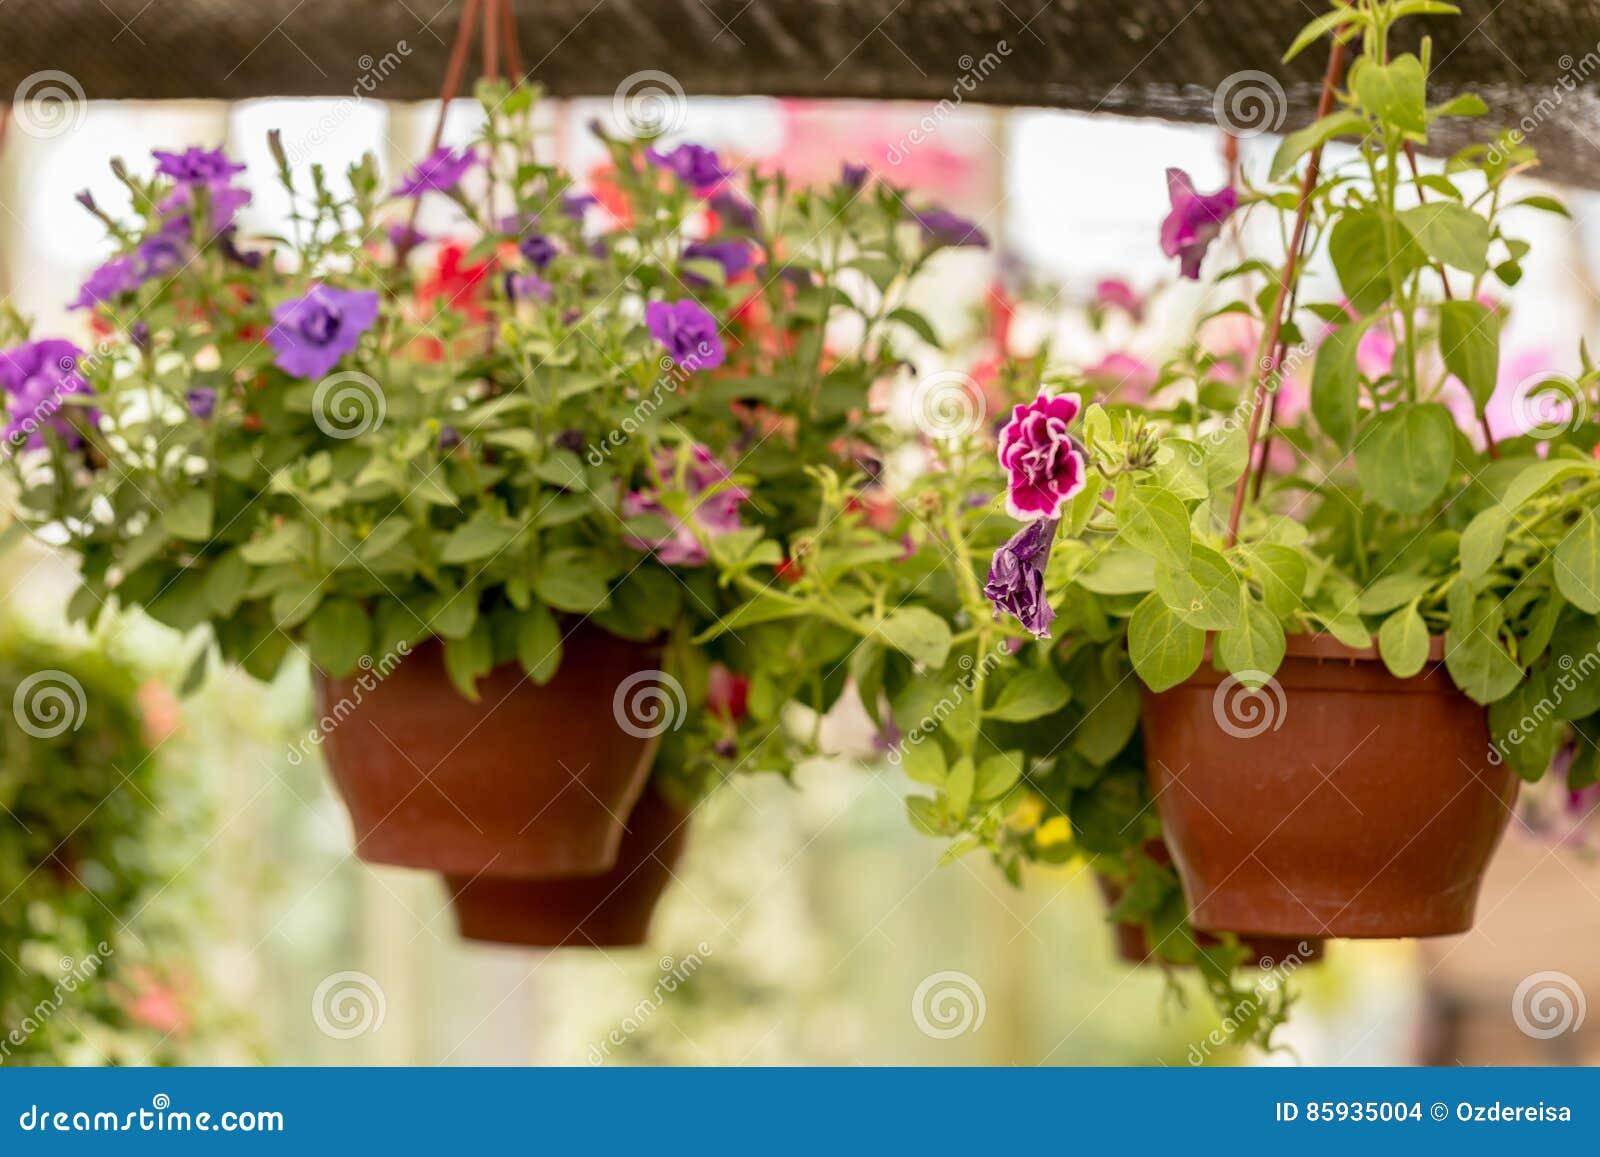 Les pots de fleurs commerciaux accroche en serre chaude - Accroche pot de fleur ...